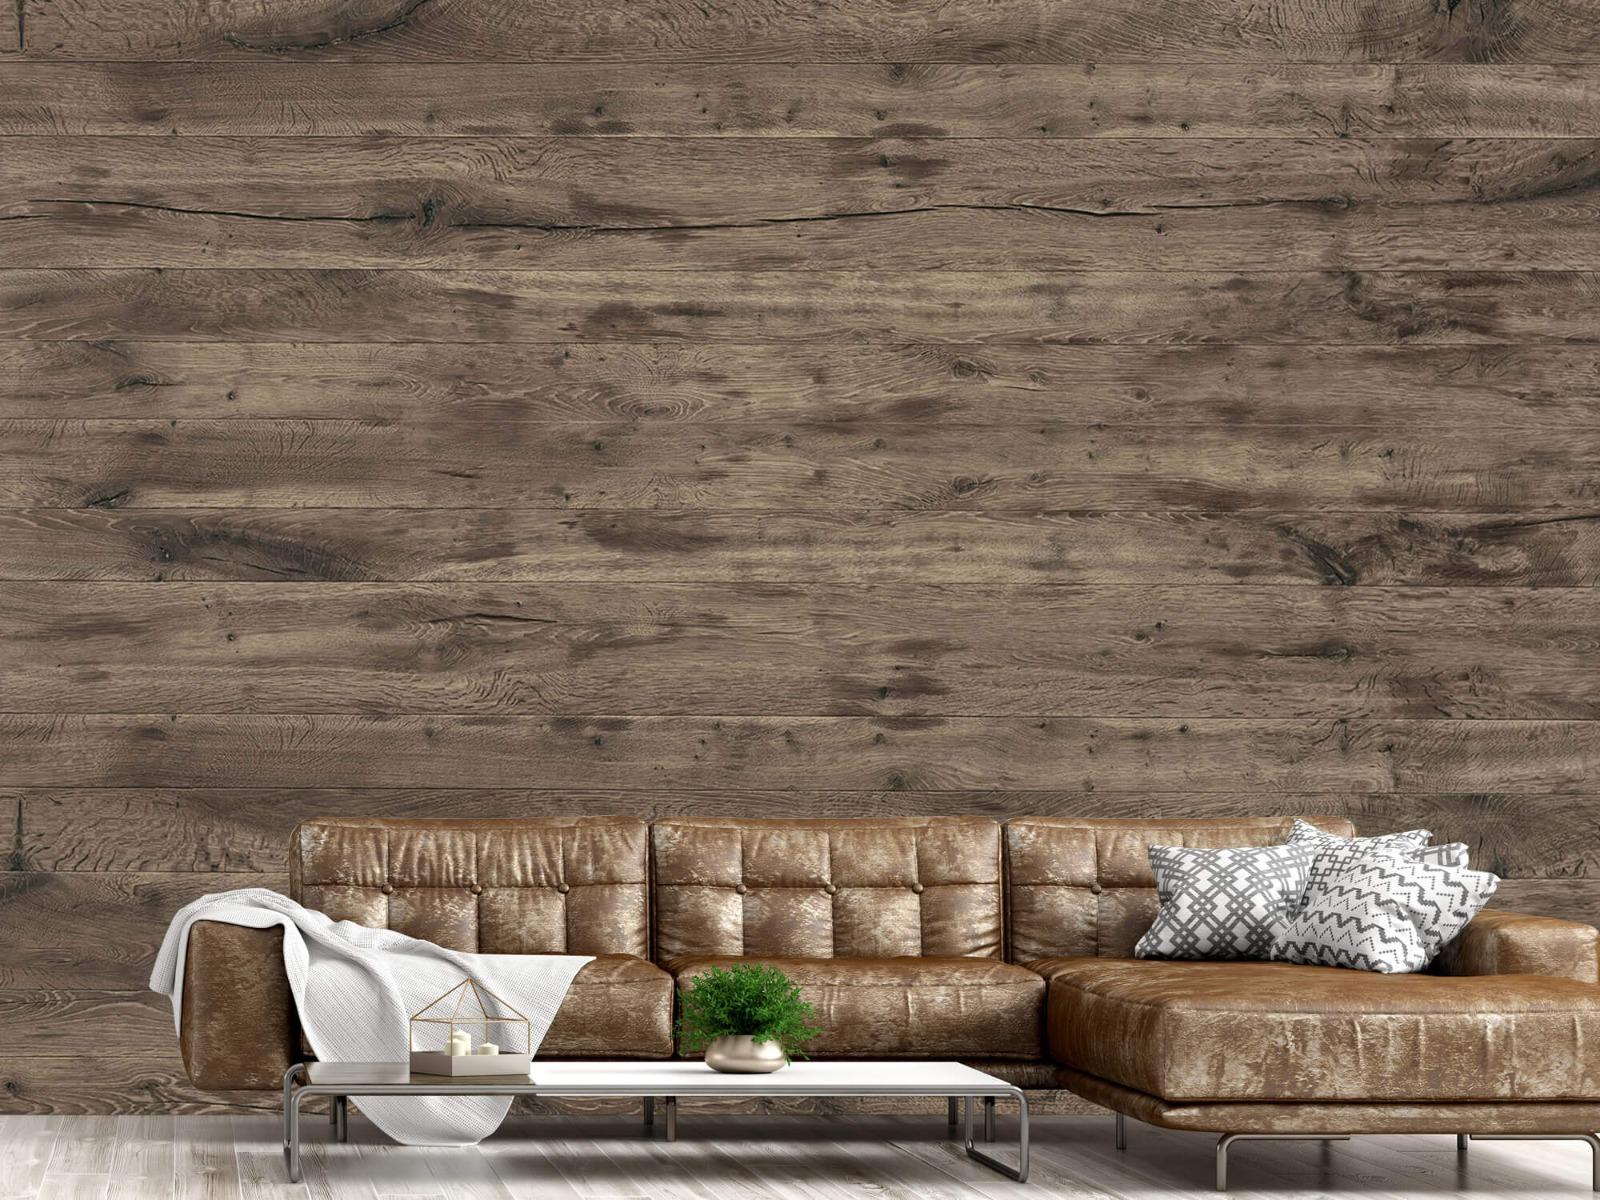 Hout behang - Rustieke houten planken - Garage 14